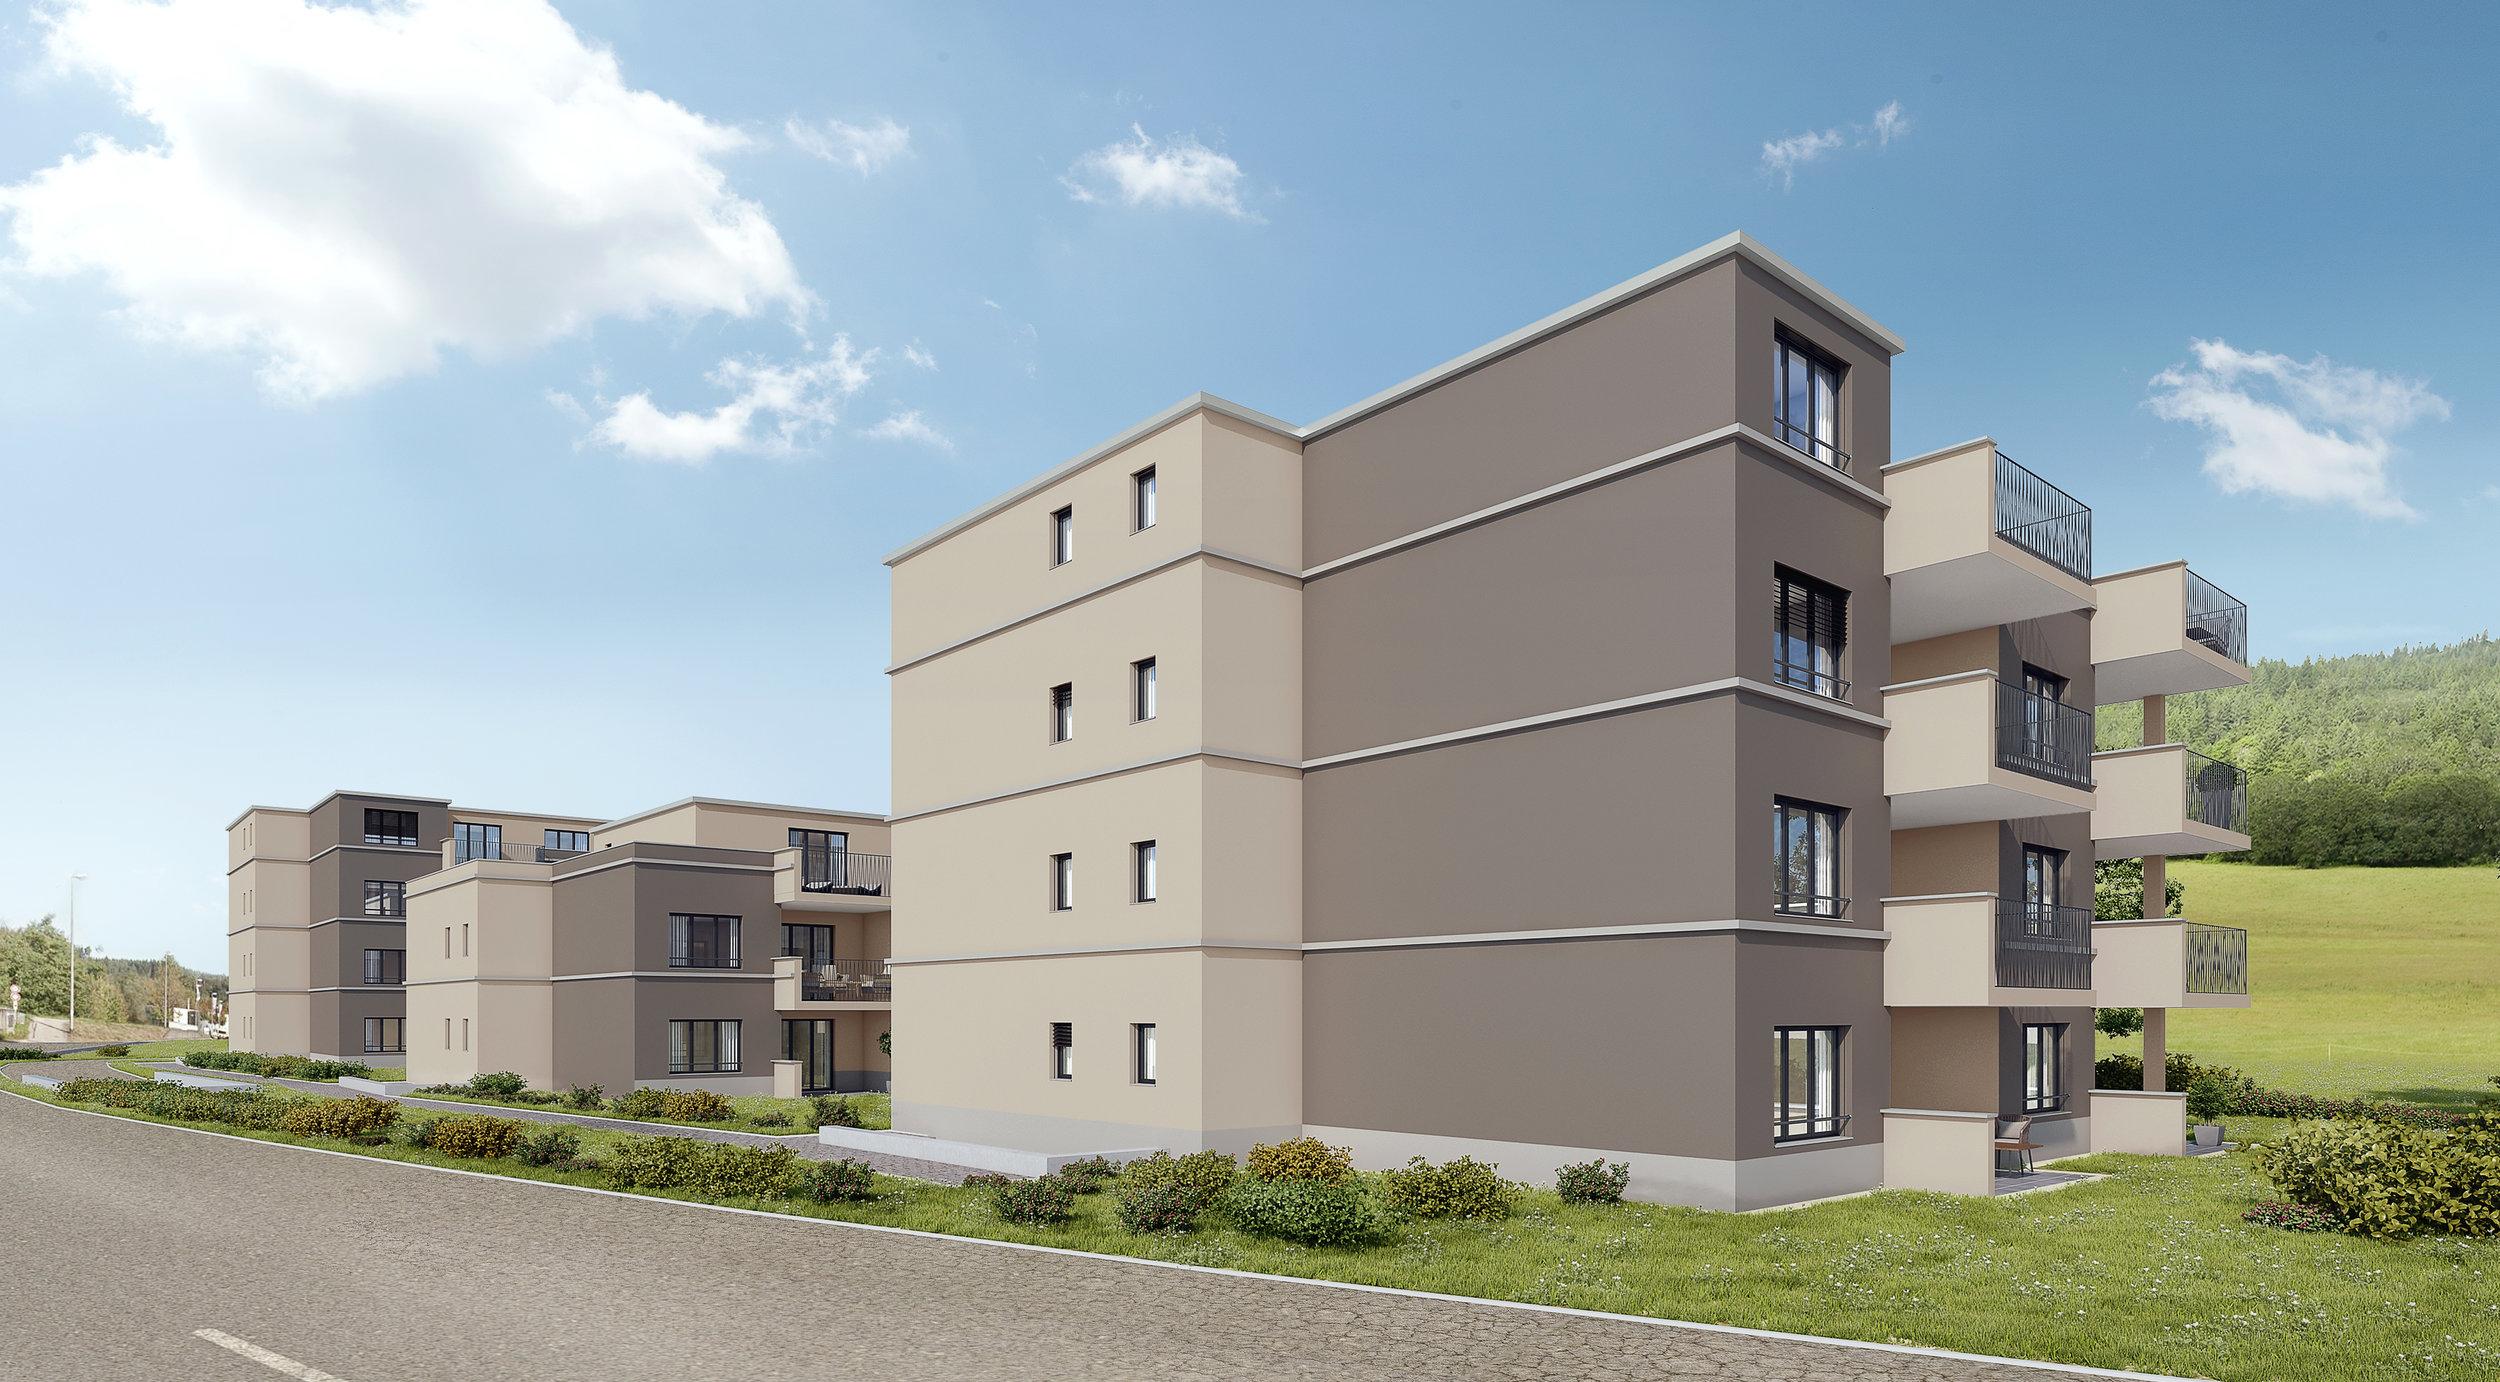 Immobilienverkauf und Immobilienvermarktung mit Video von Häuser sowie Wohnungen und Neubauprojekte Immobilienmakler in Zug und Zürich Überbauung NIDO Sennhof Winterthur Baubewilligung erteilt